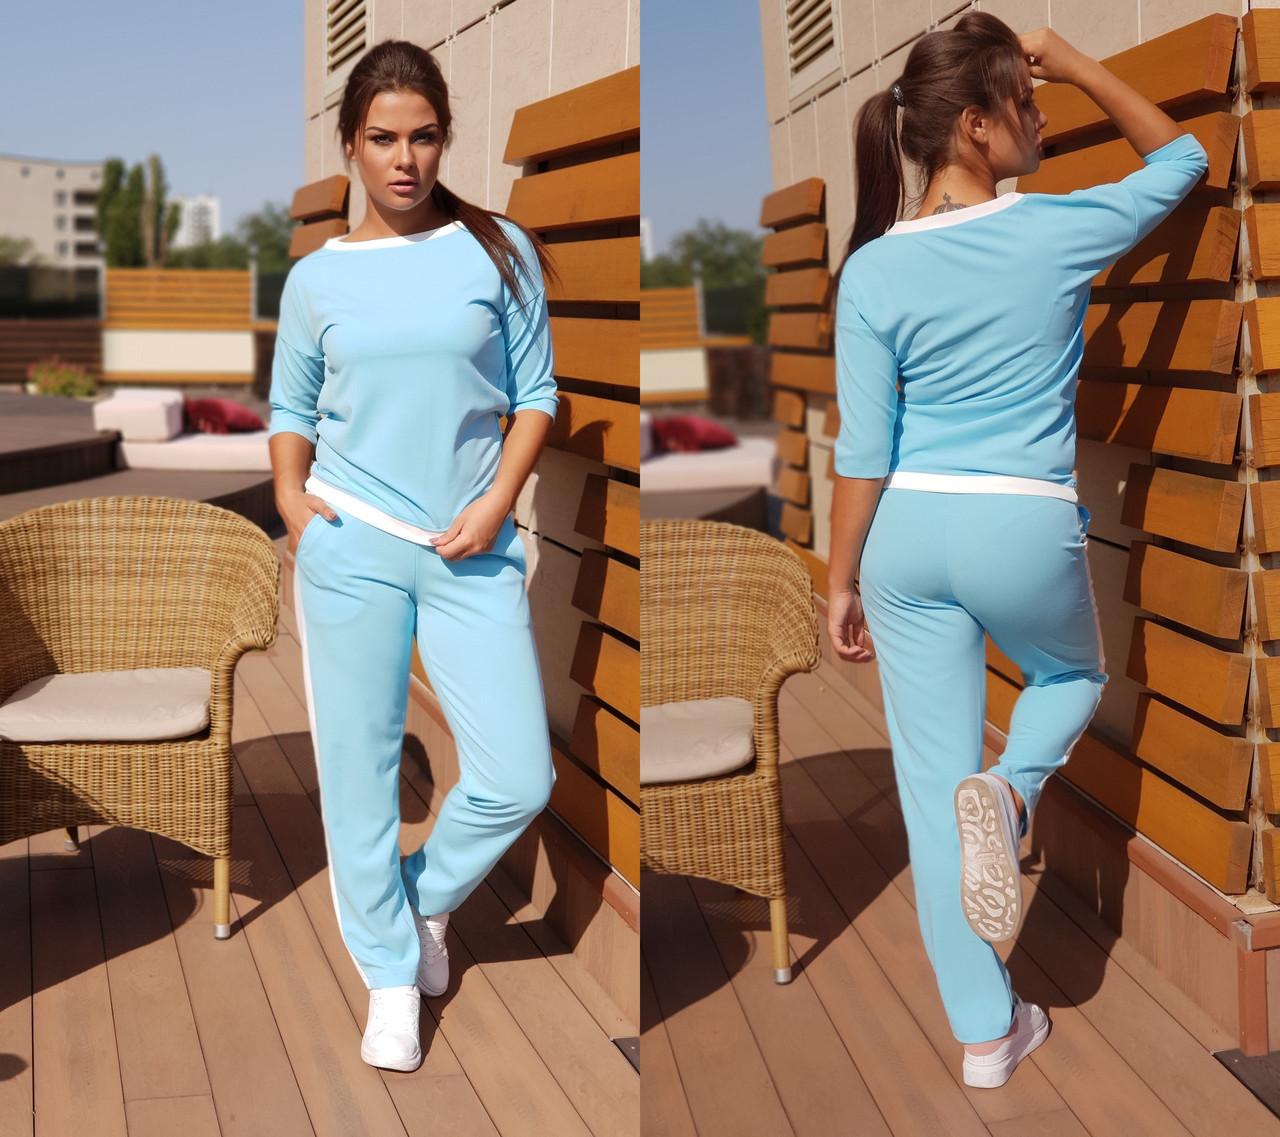 e7435cb9b840 Брючный женский костюм в спортивном стиле